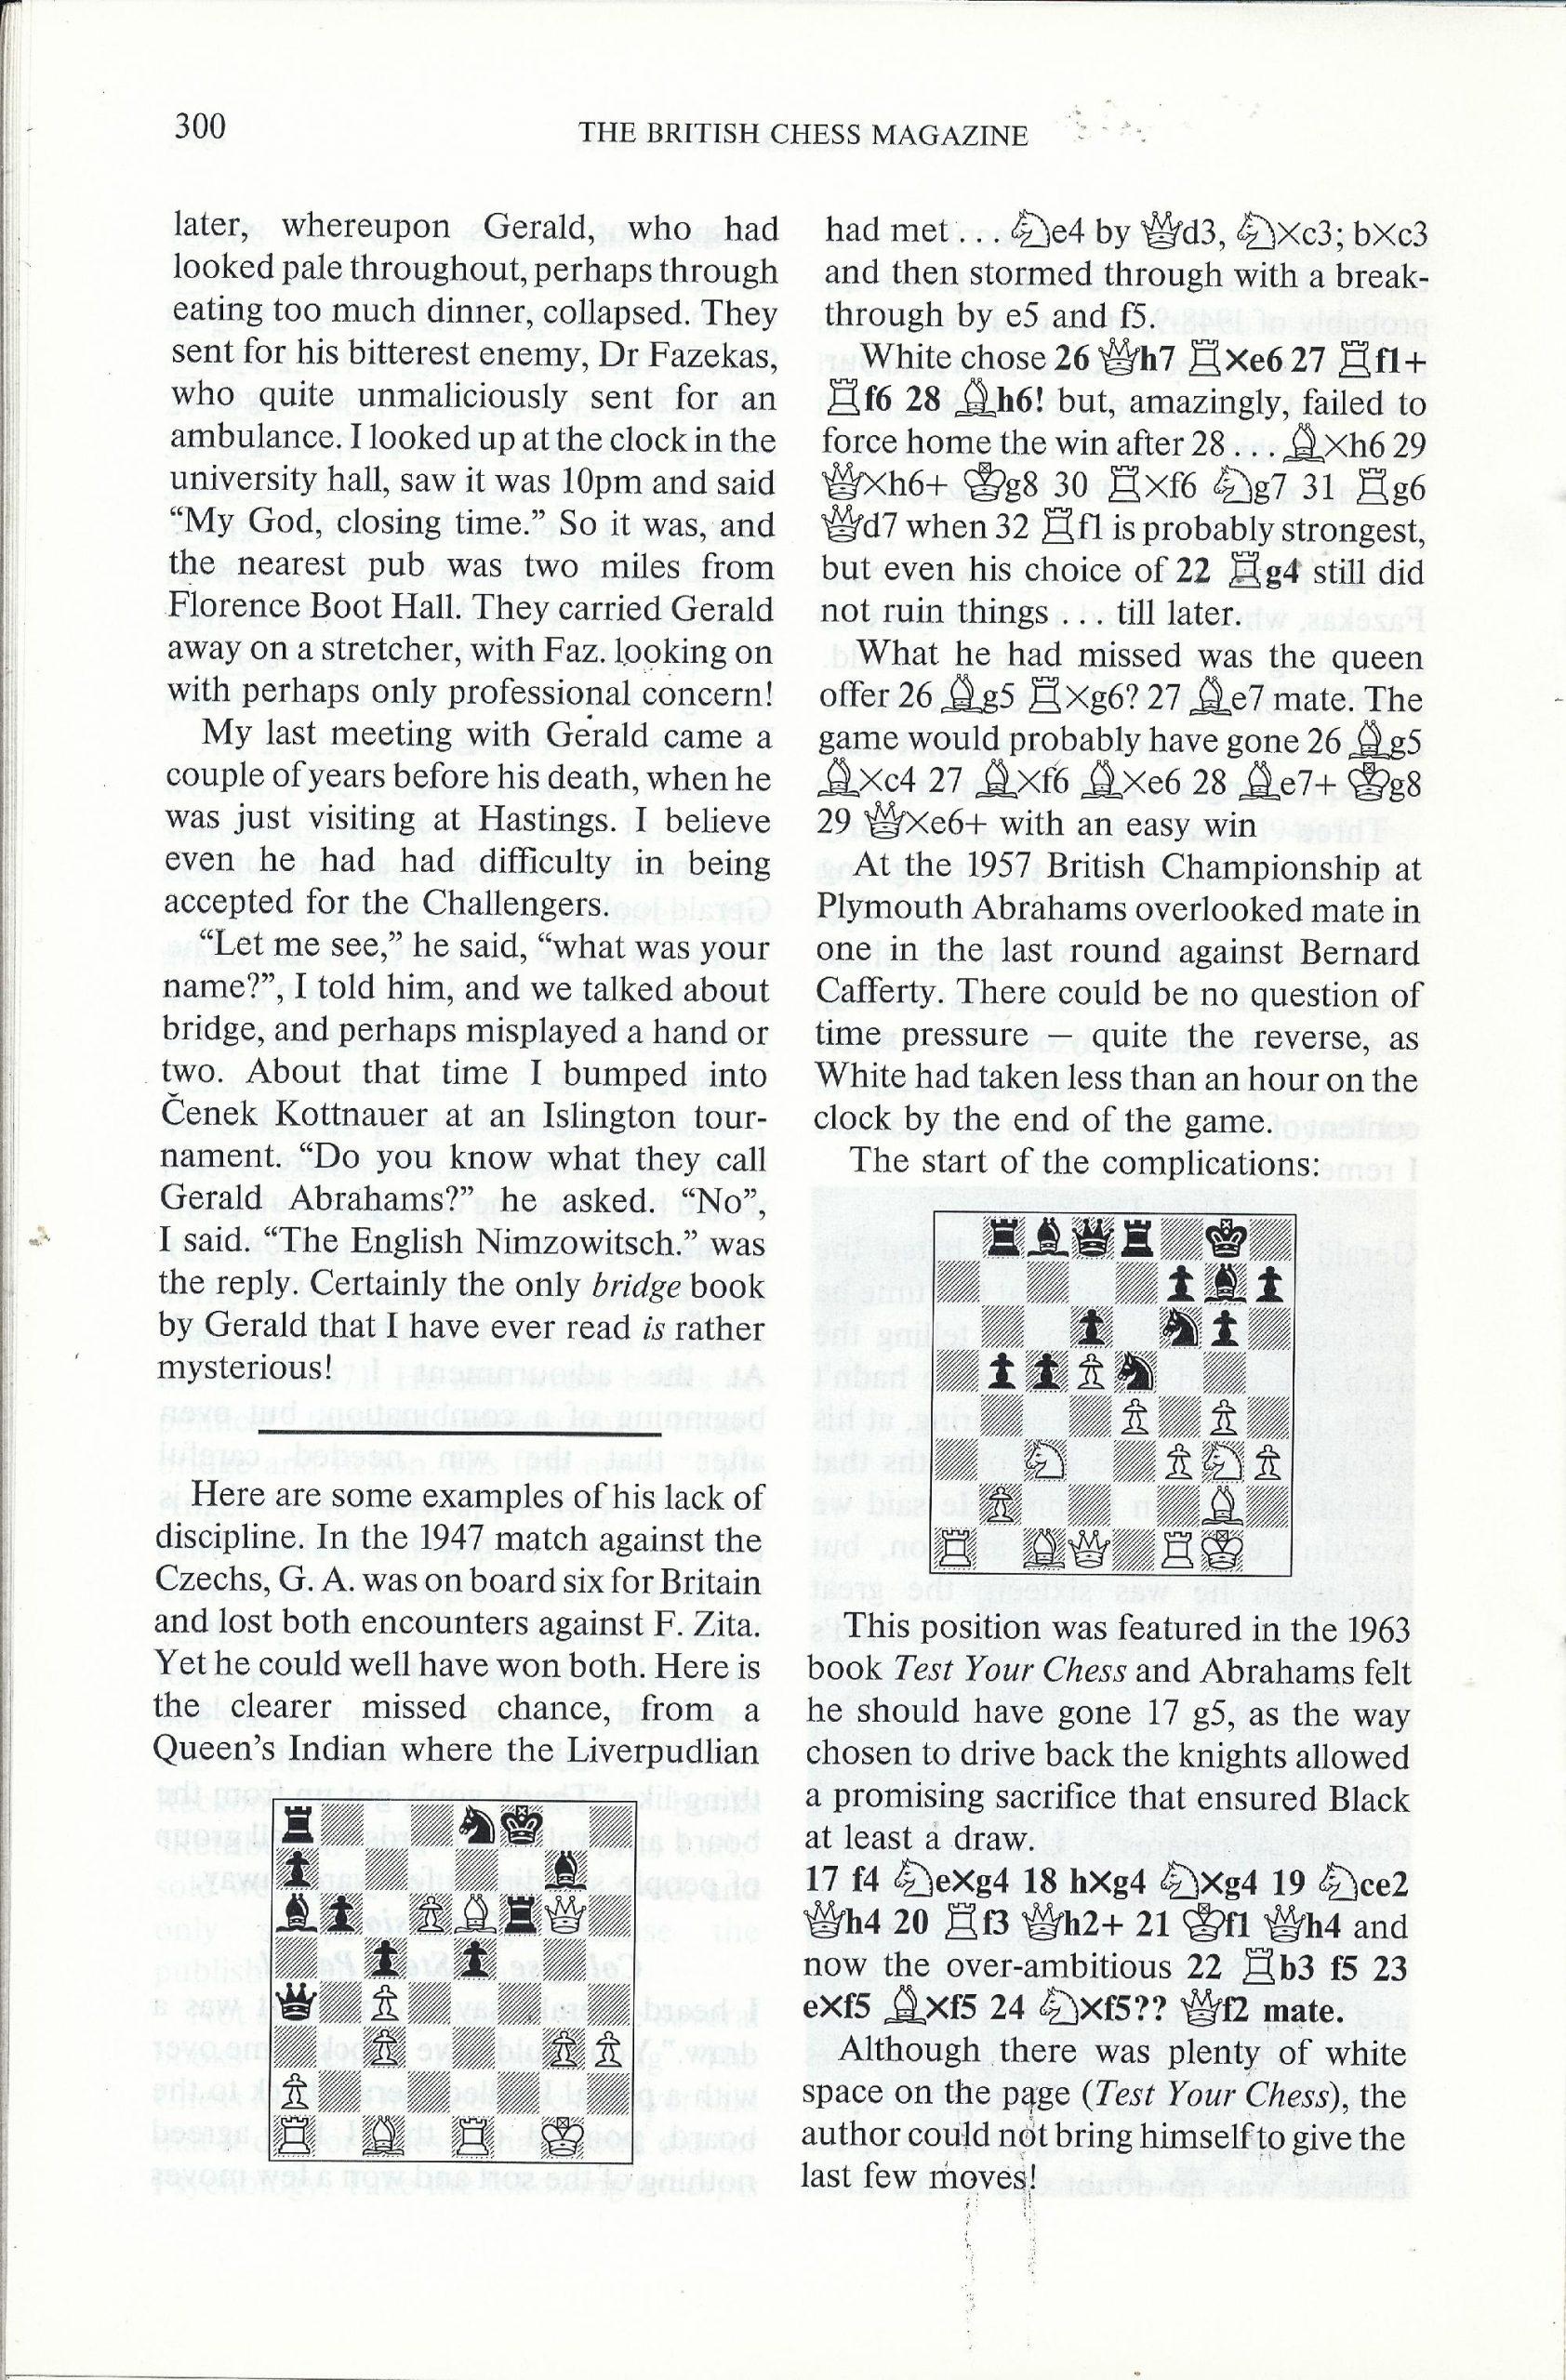 British Chess Magazine, Volume CVIII (1988), Number 7 (July), pp. 300